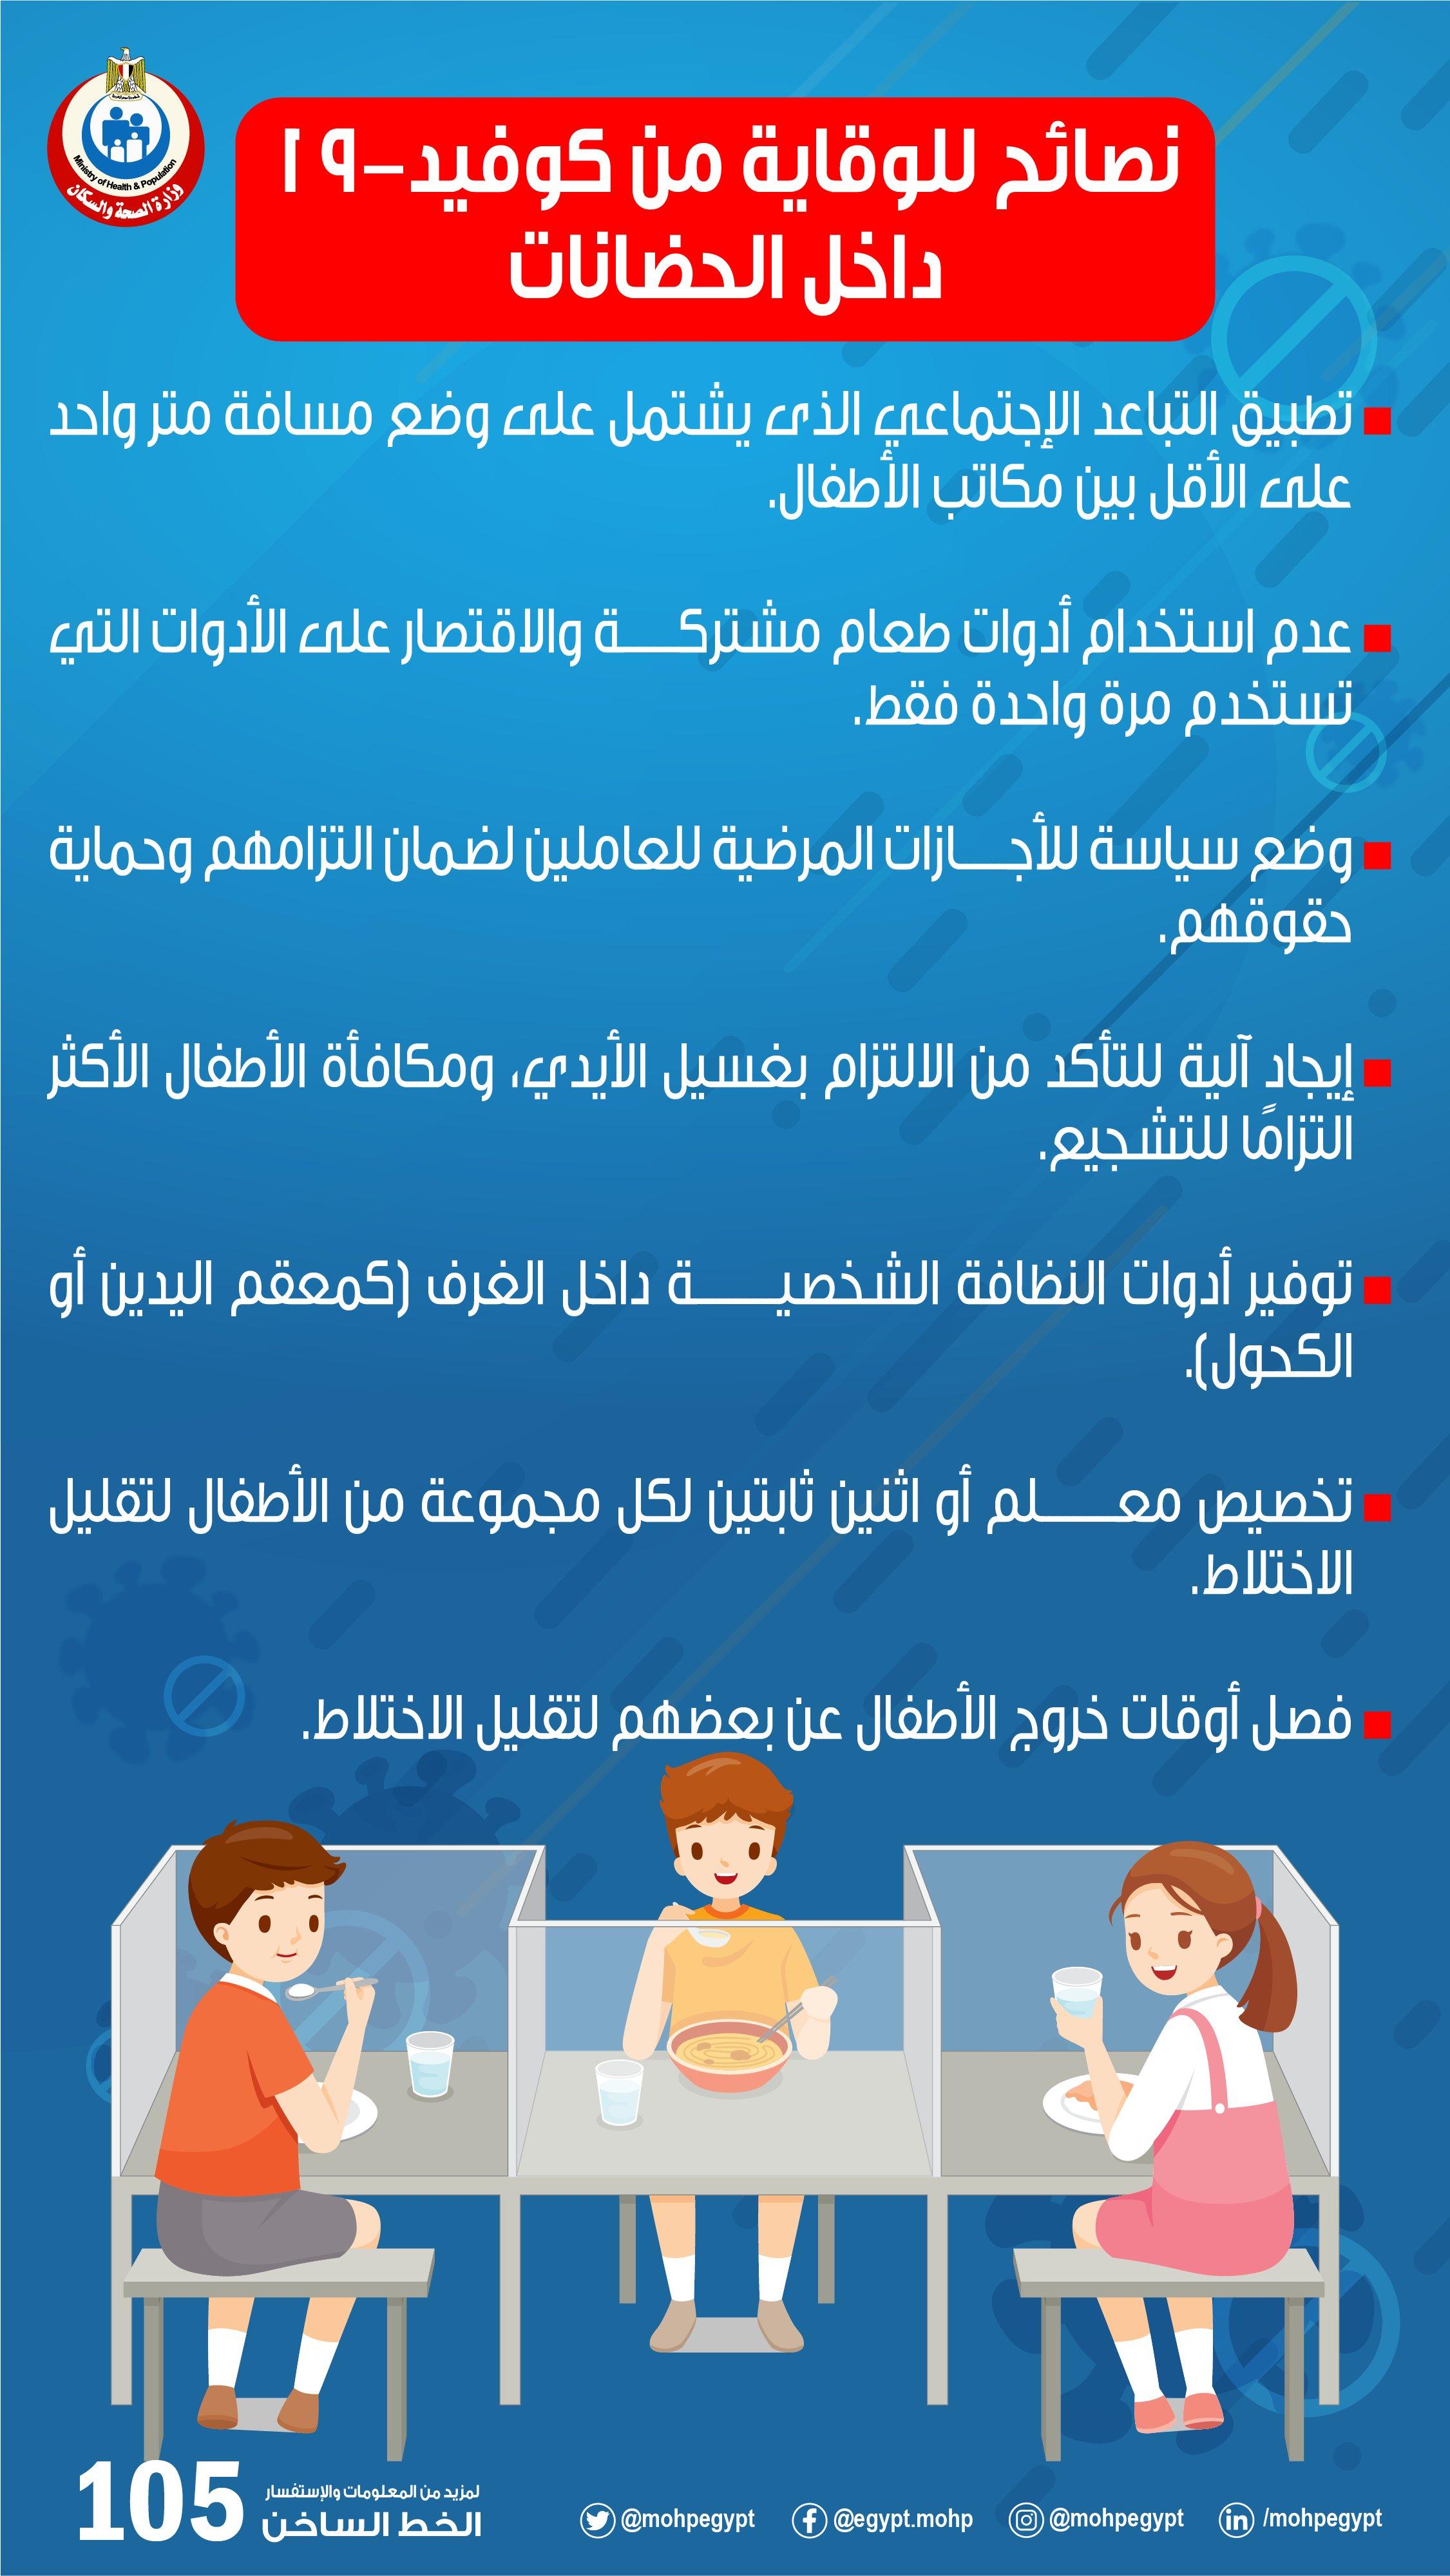 نصائح وزارة الصحة